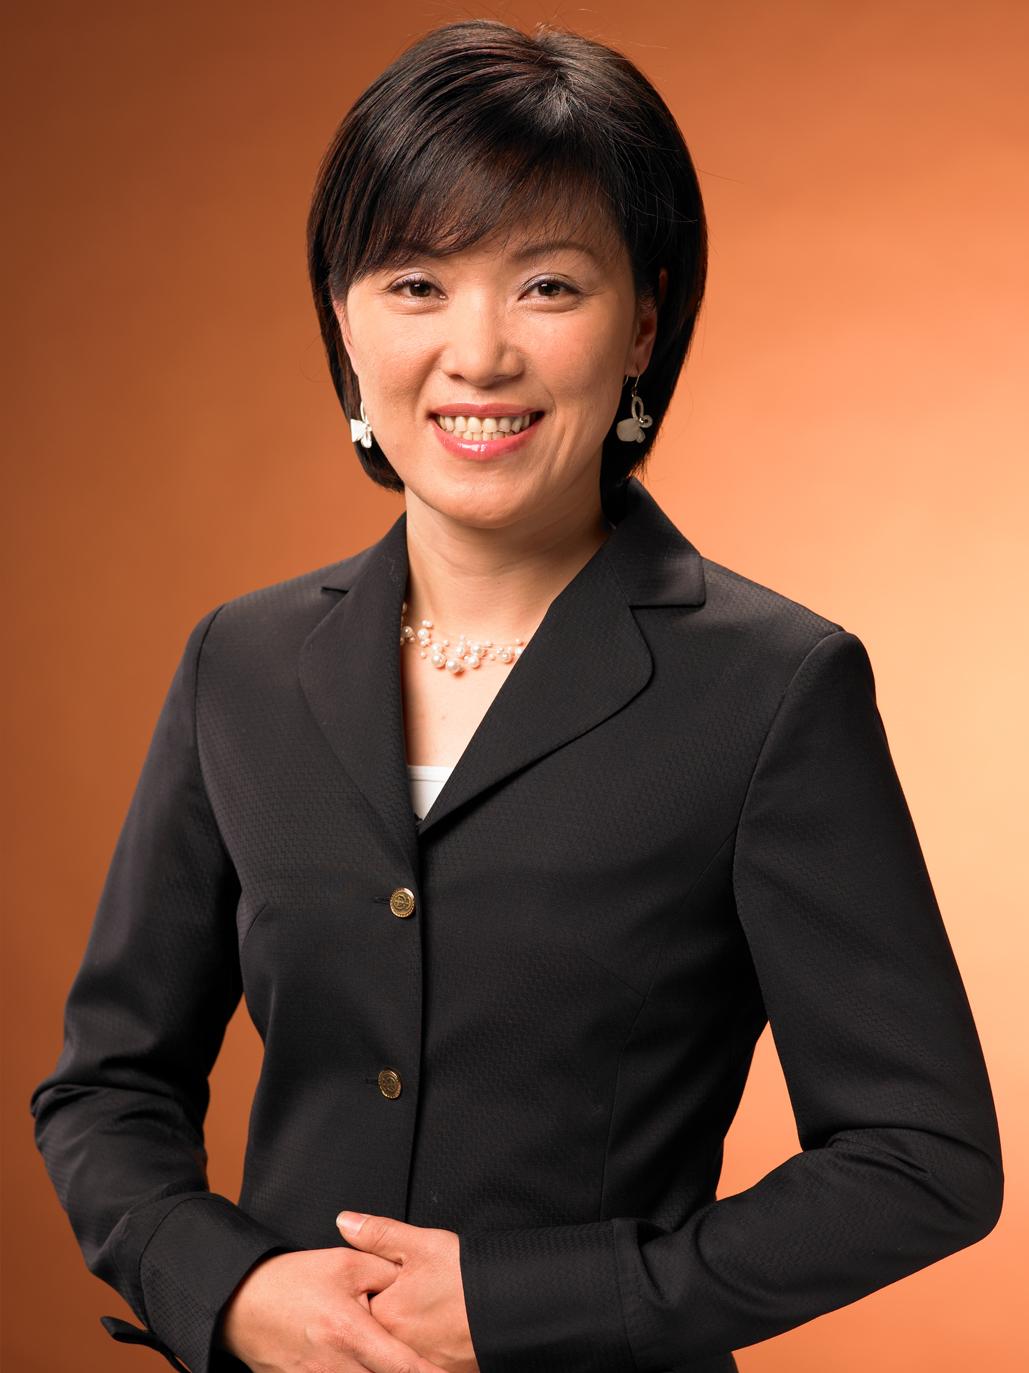 陳惠文肖像